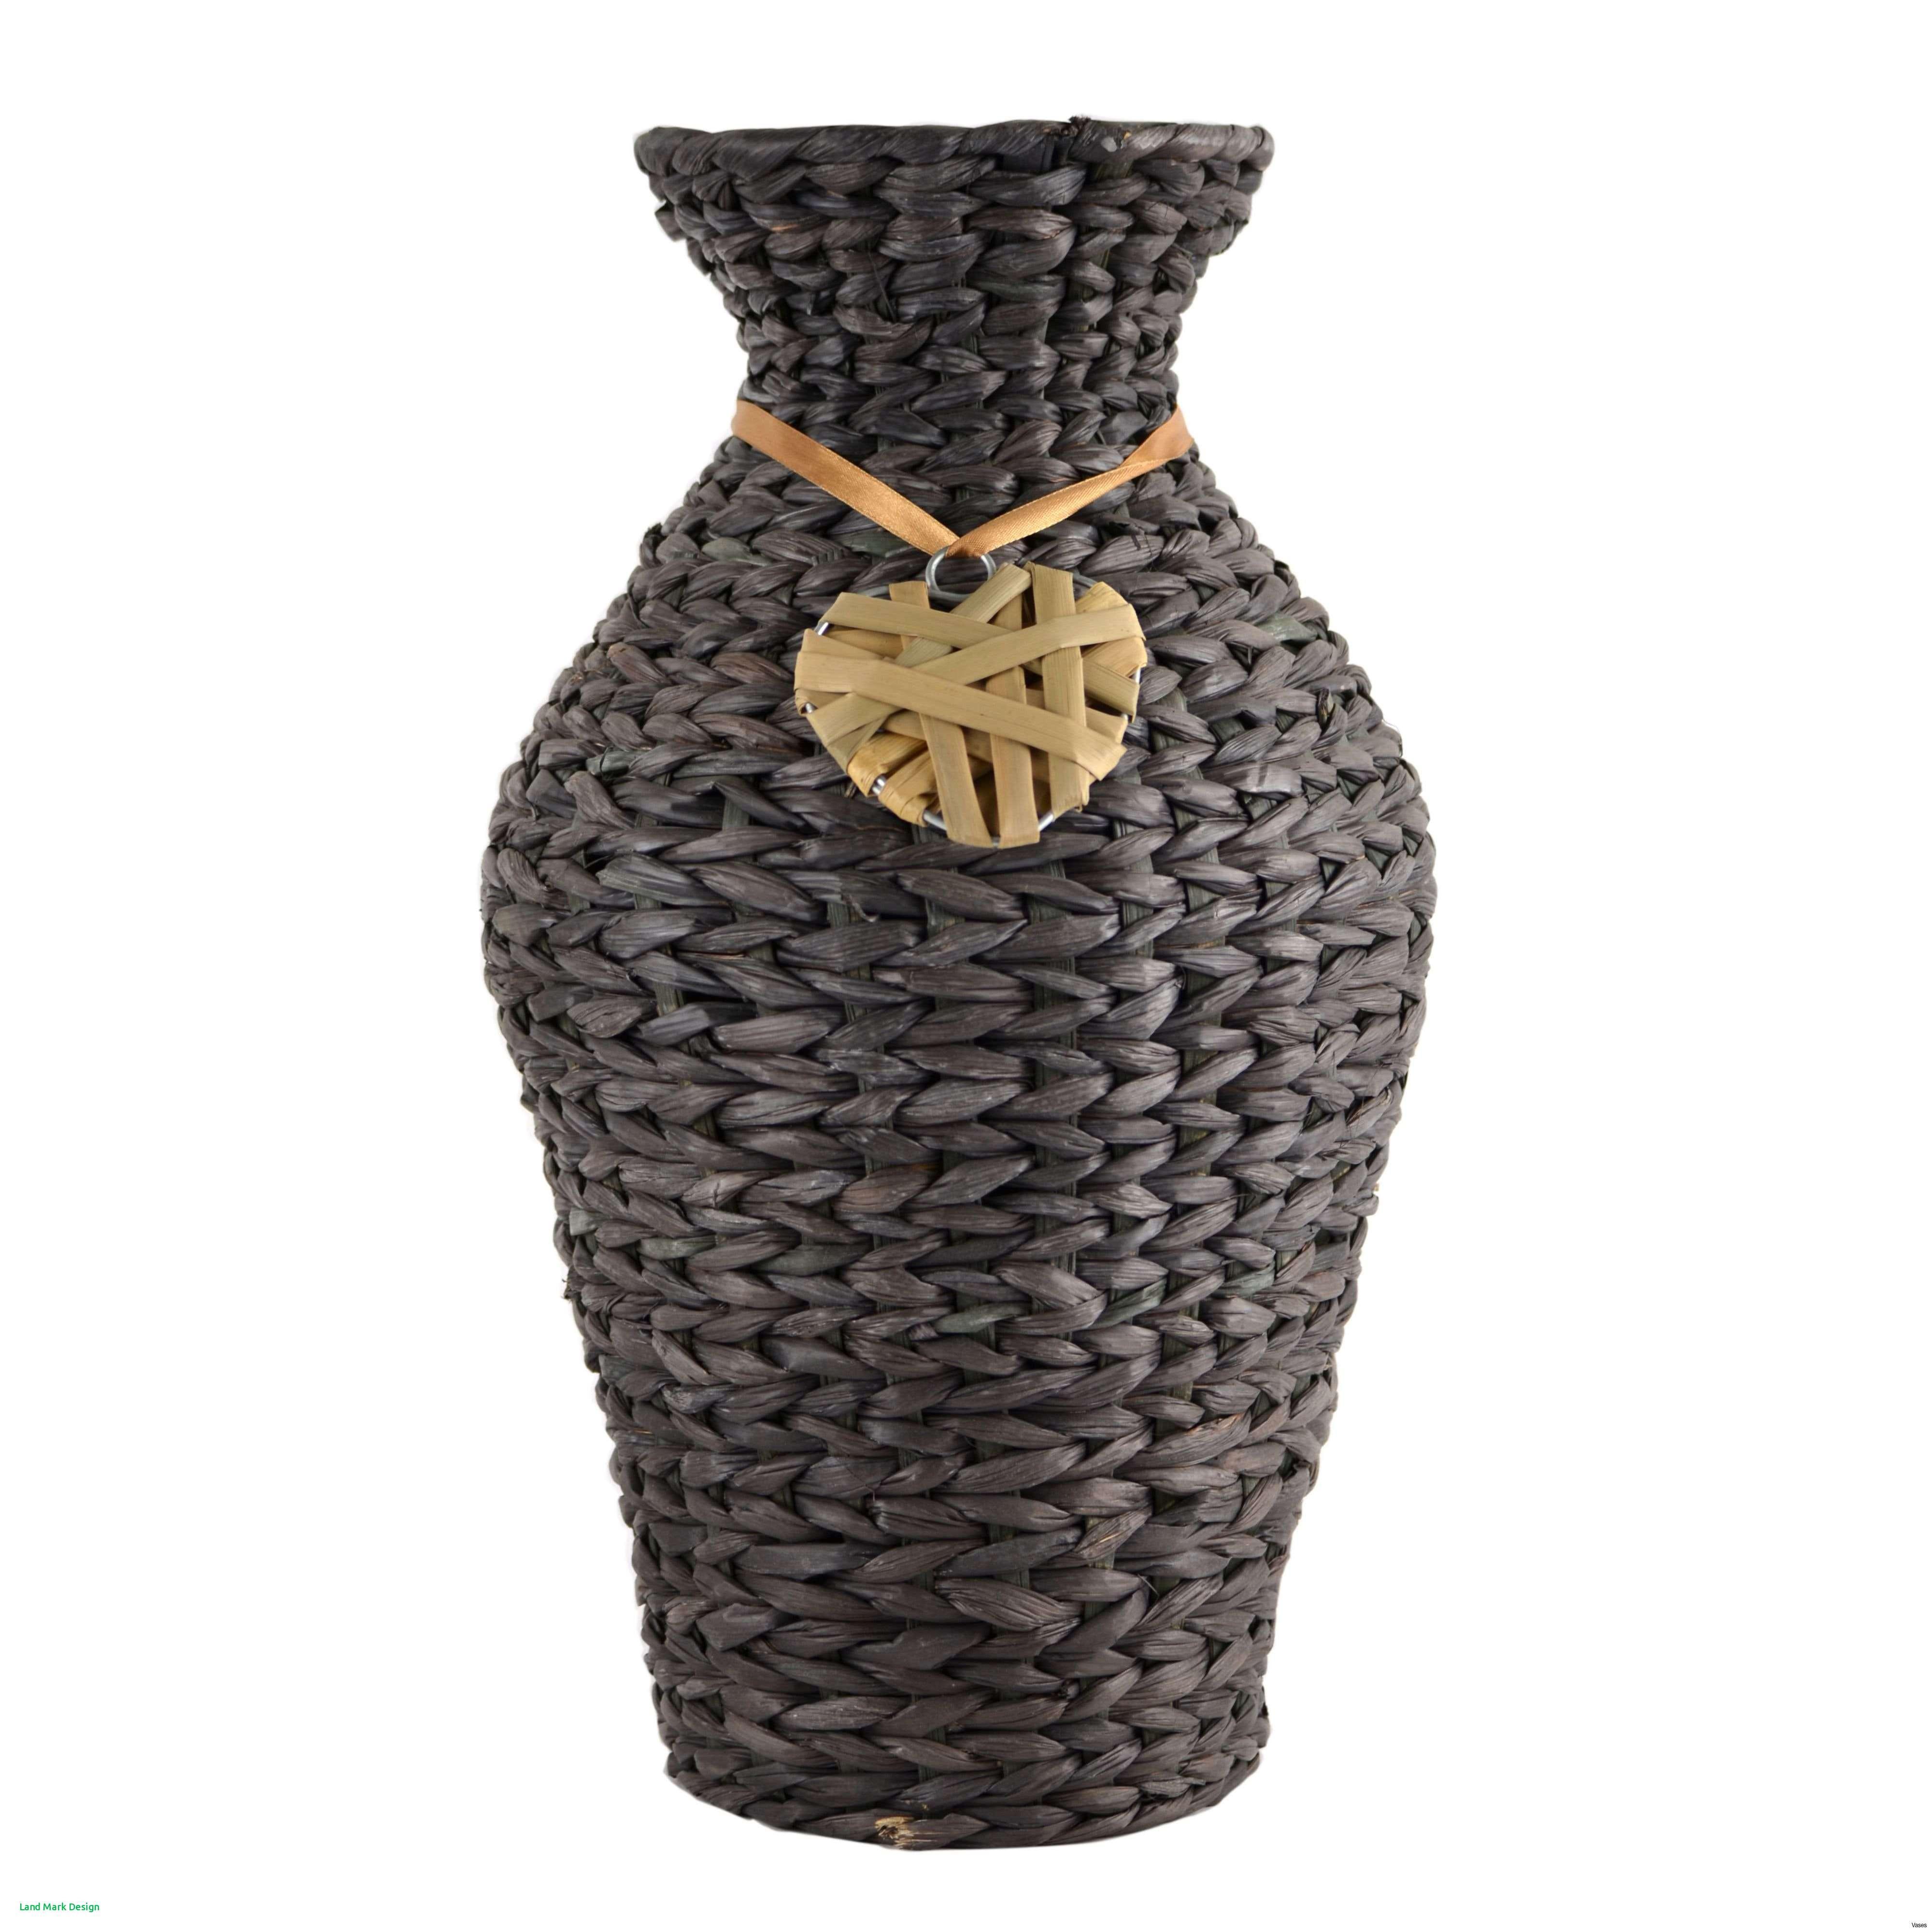 rattan floor vase of wicker vases tall images tall wicker vase design vases within tall wicker vase design